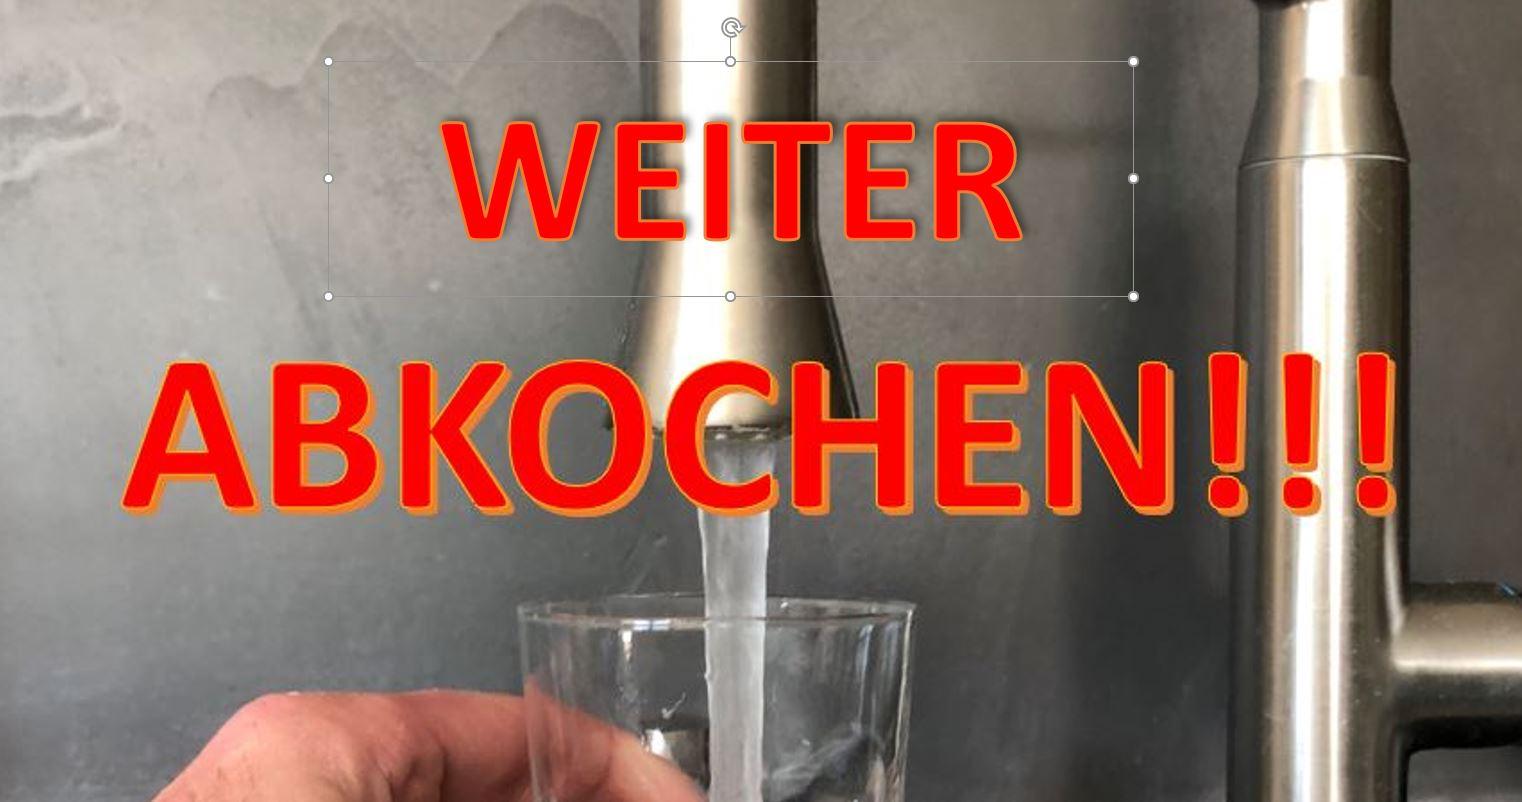 Hervorragend Update: Hereingeregnete Bakterien: Berger Trinkwasser weiterhin SB49